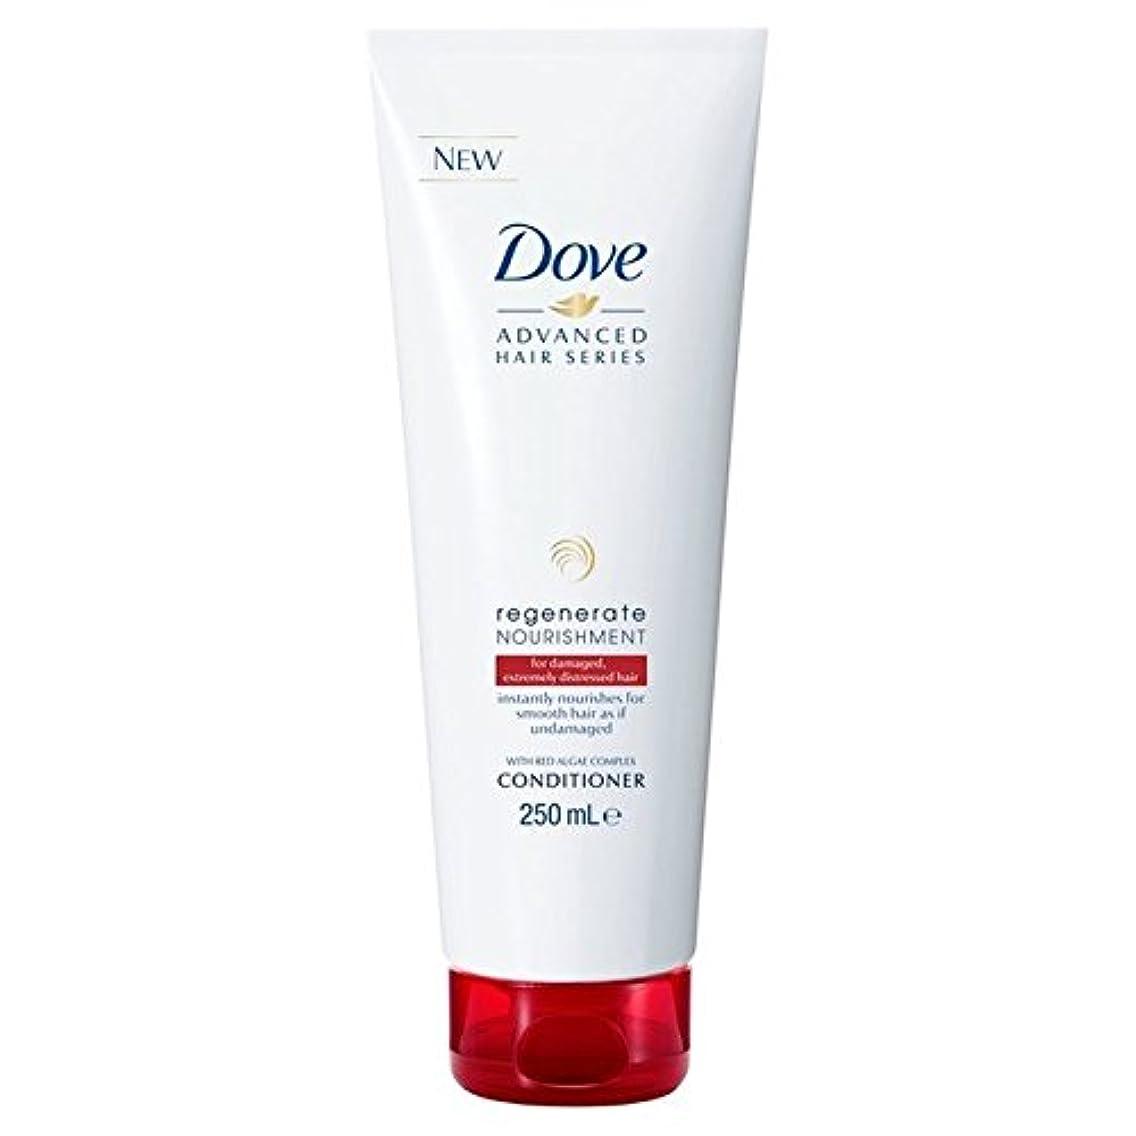 衣類悪質なリラックスしたDove Advanced Hair Series Regenerate Nourishment Conditioner 250ml - 鳩高度な髪シリーズは、栄養コンディショナー250ミリリットルを再生成します [並行輸入品]